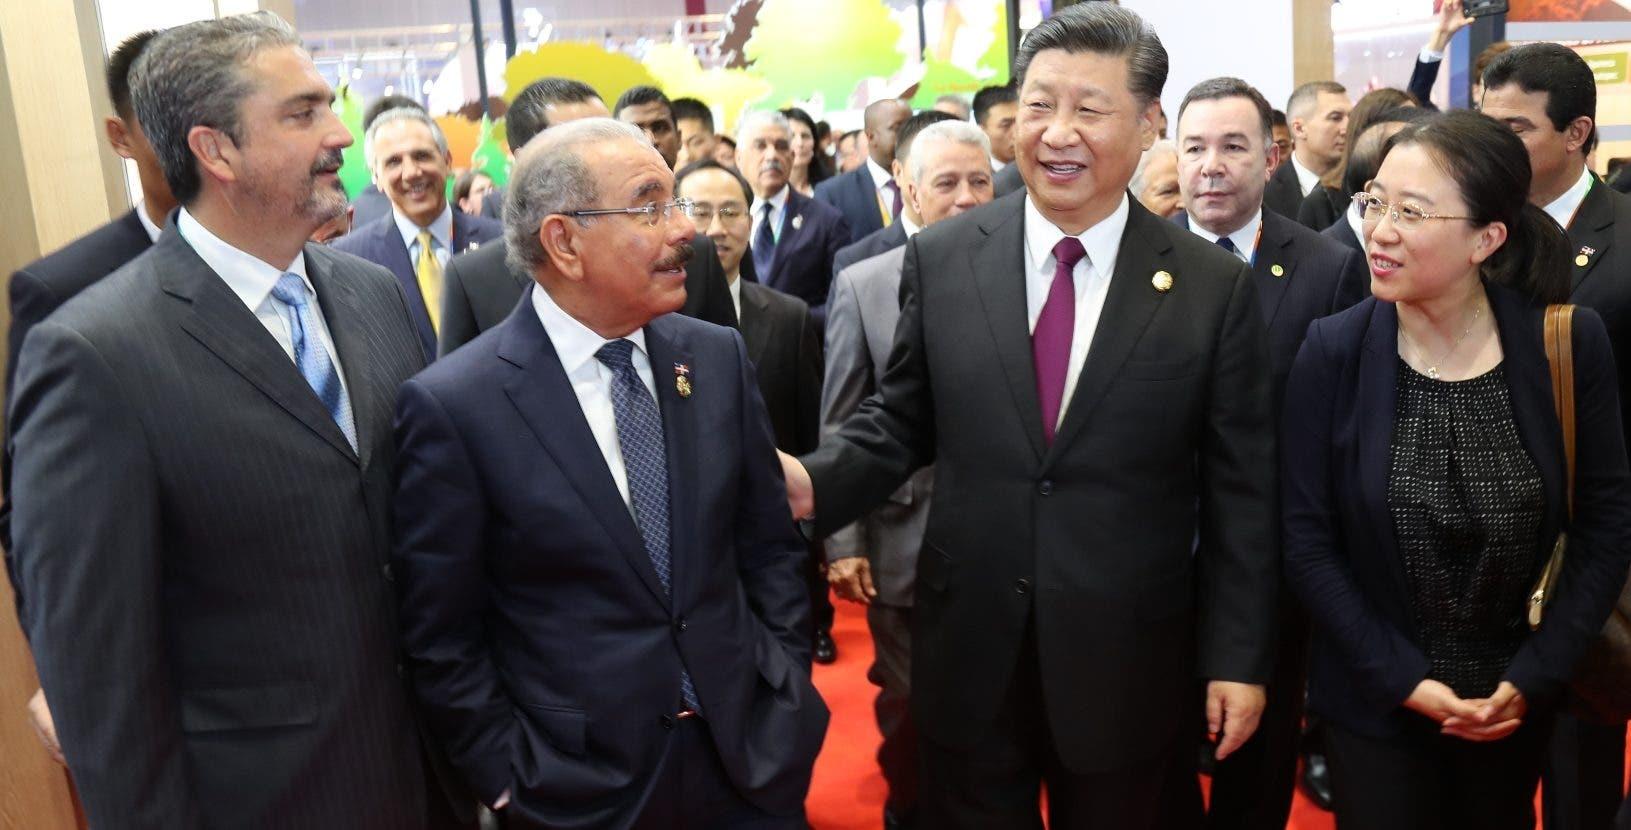 Los presidentes Xi Jinping y Danilo Medina recorren la Feria de Exportación de Shangái.  Fuente Externa